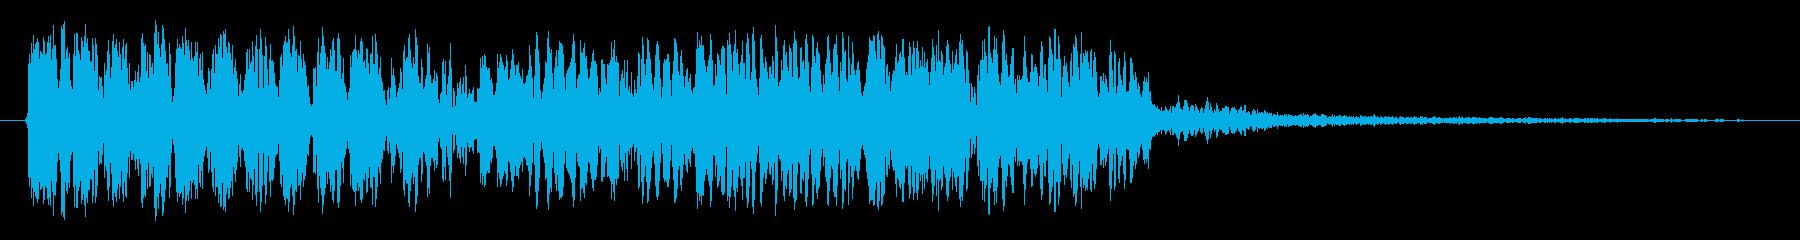 ローラーの再生済みの波形